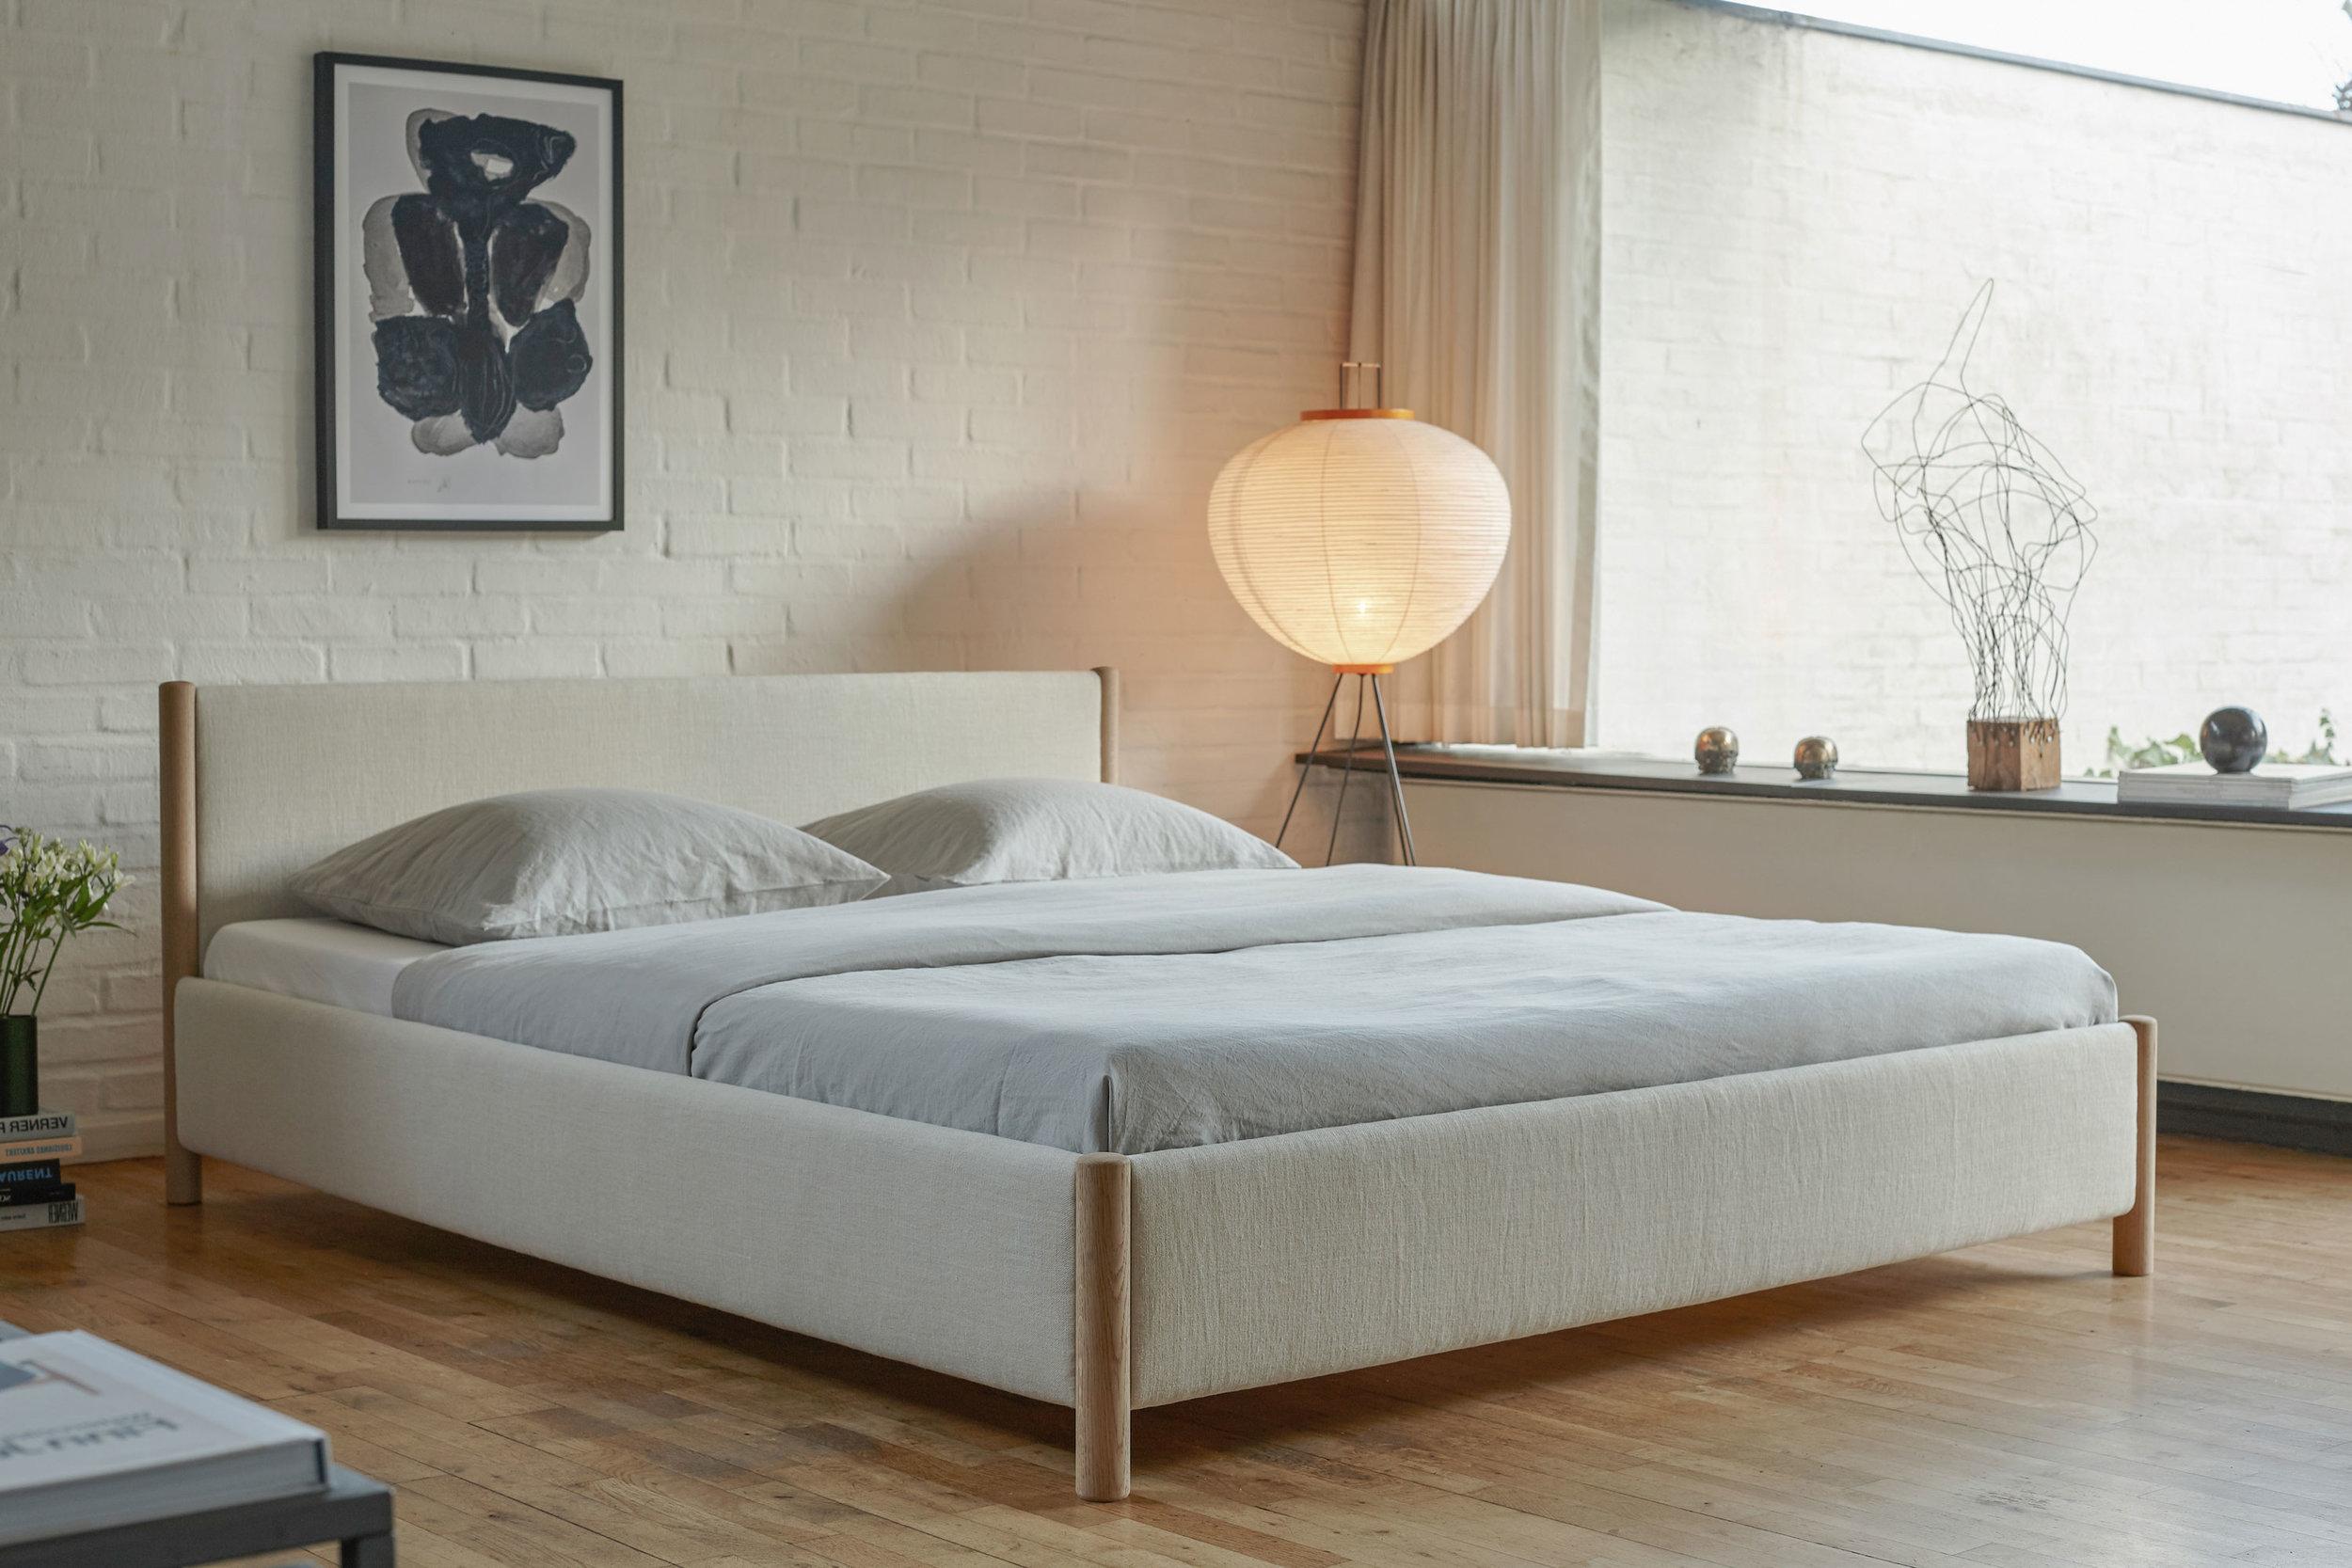 2---VENG-BED---RE-BEDS---DESIGN-BY-OLIVER-&-LUKAS-WEISSKROGH.jpg